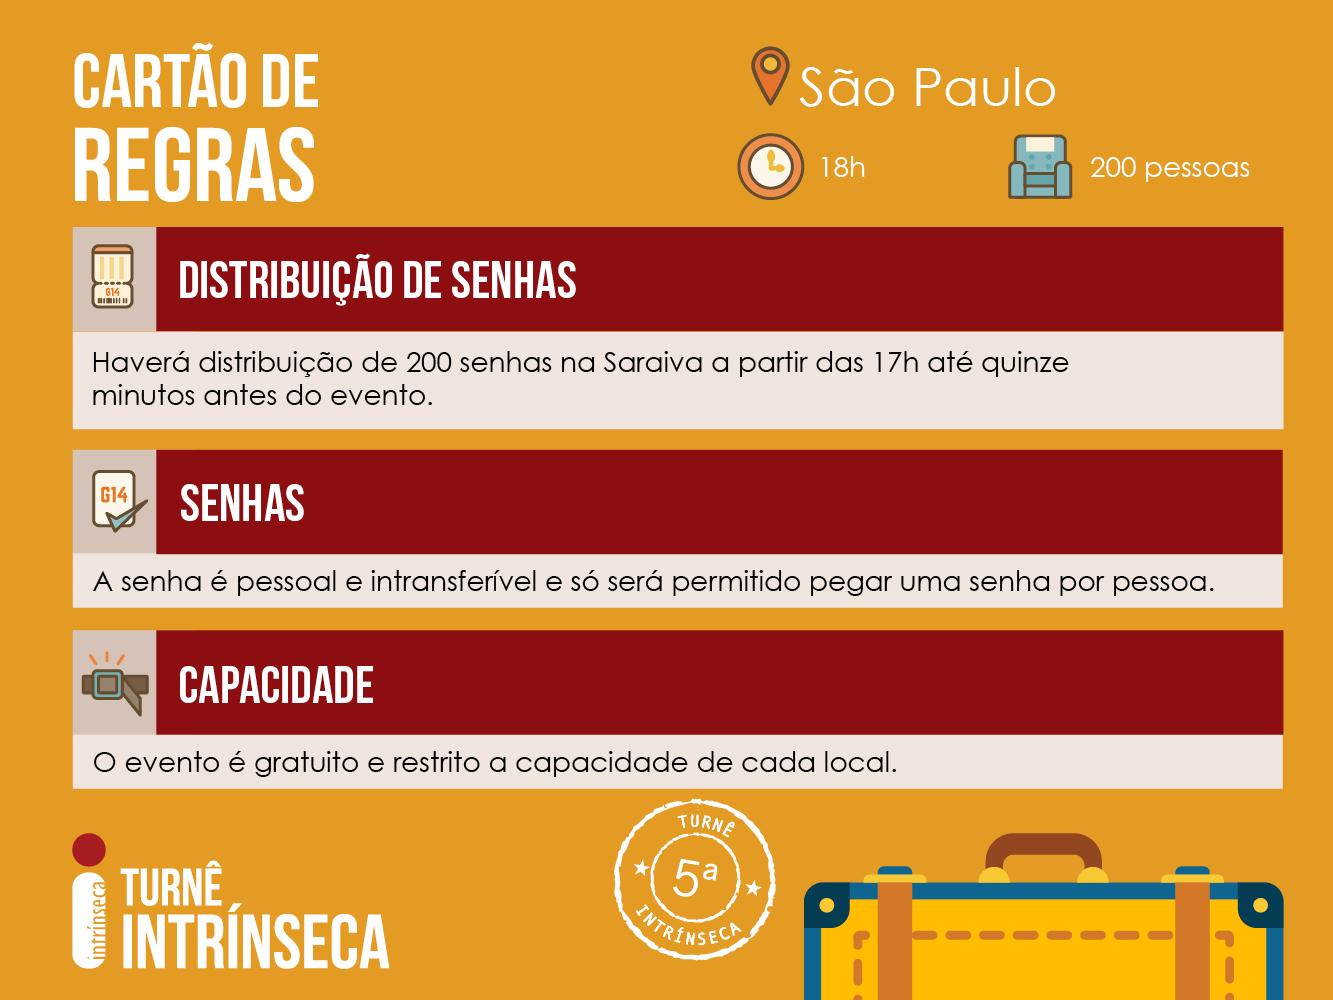 Regras_5aTurne_São Paulo